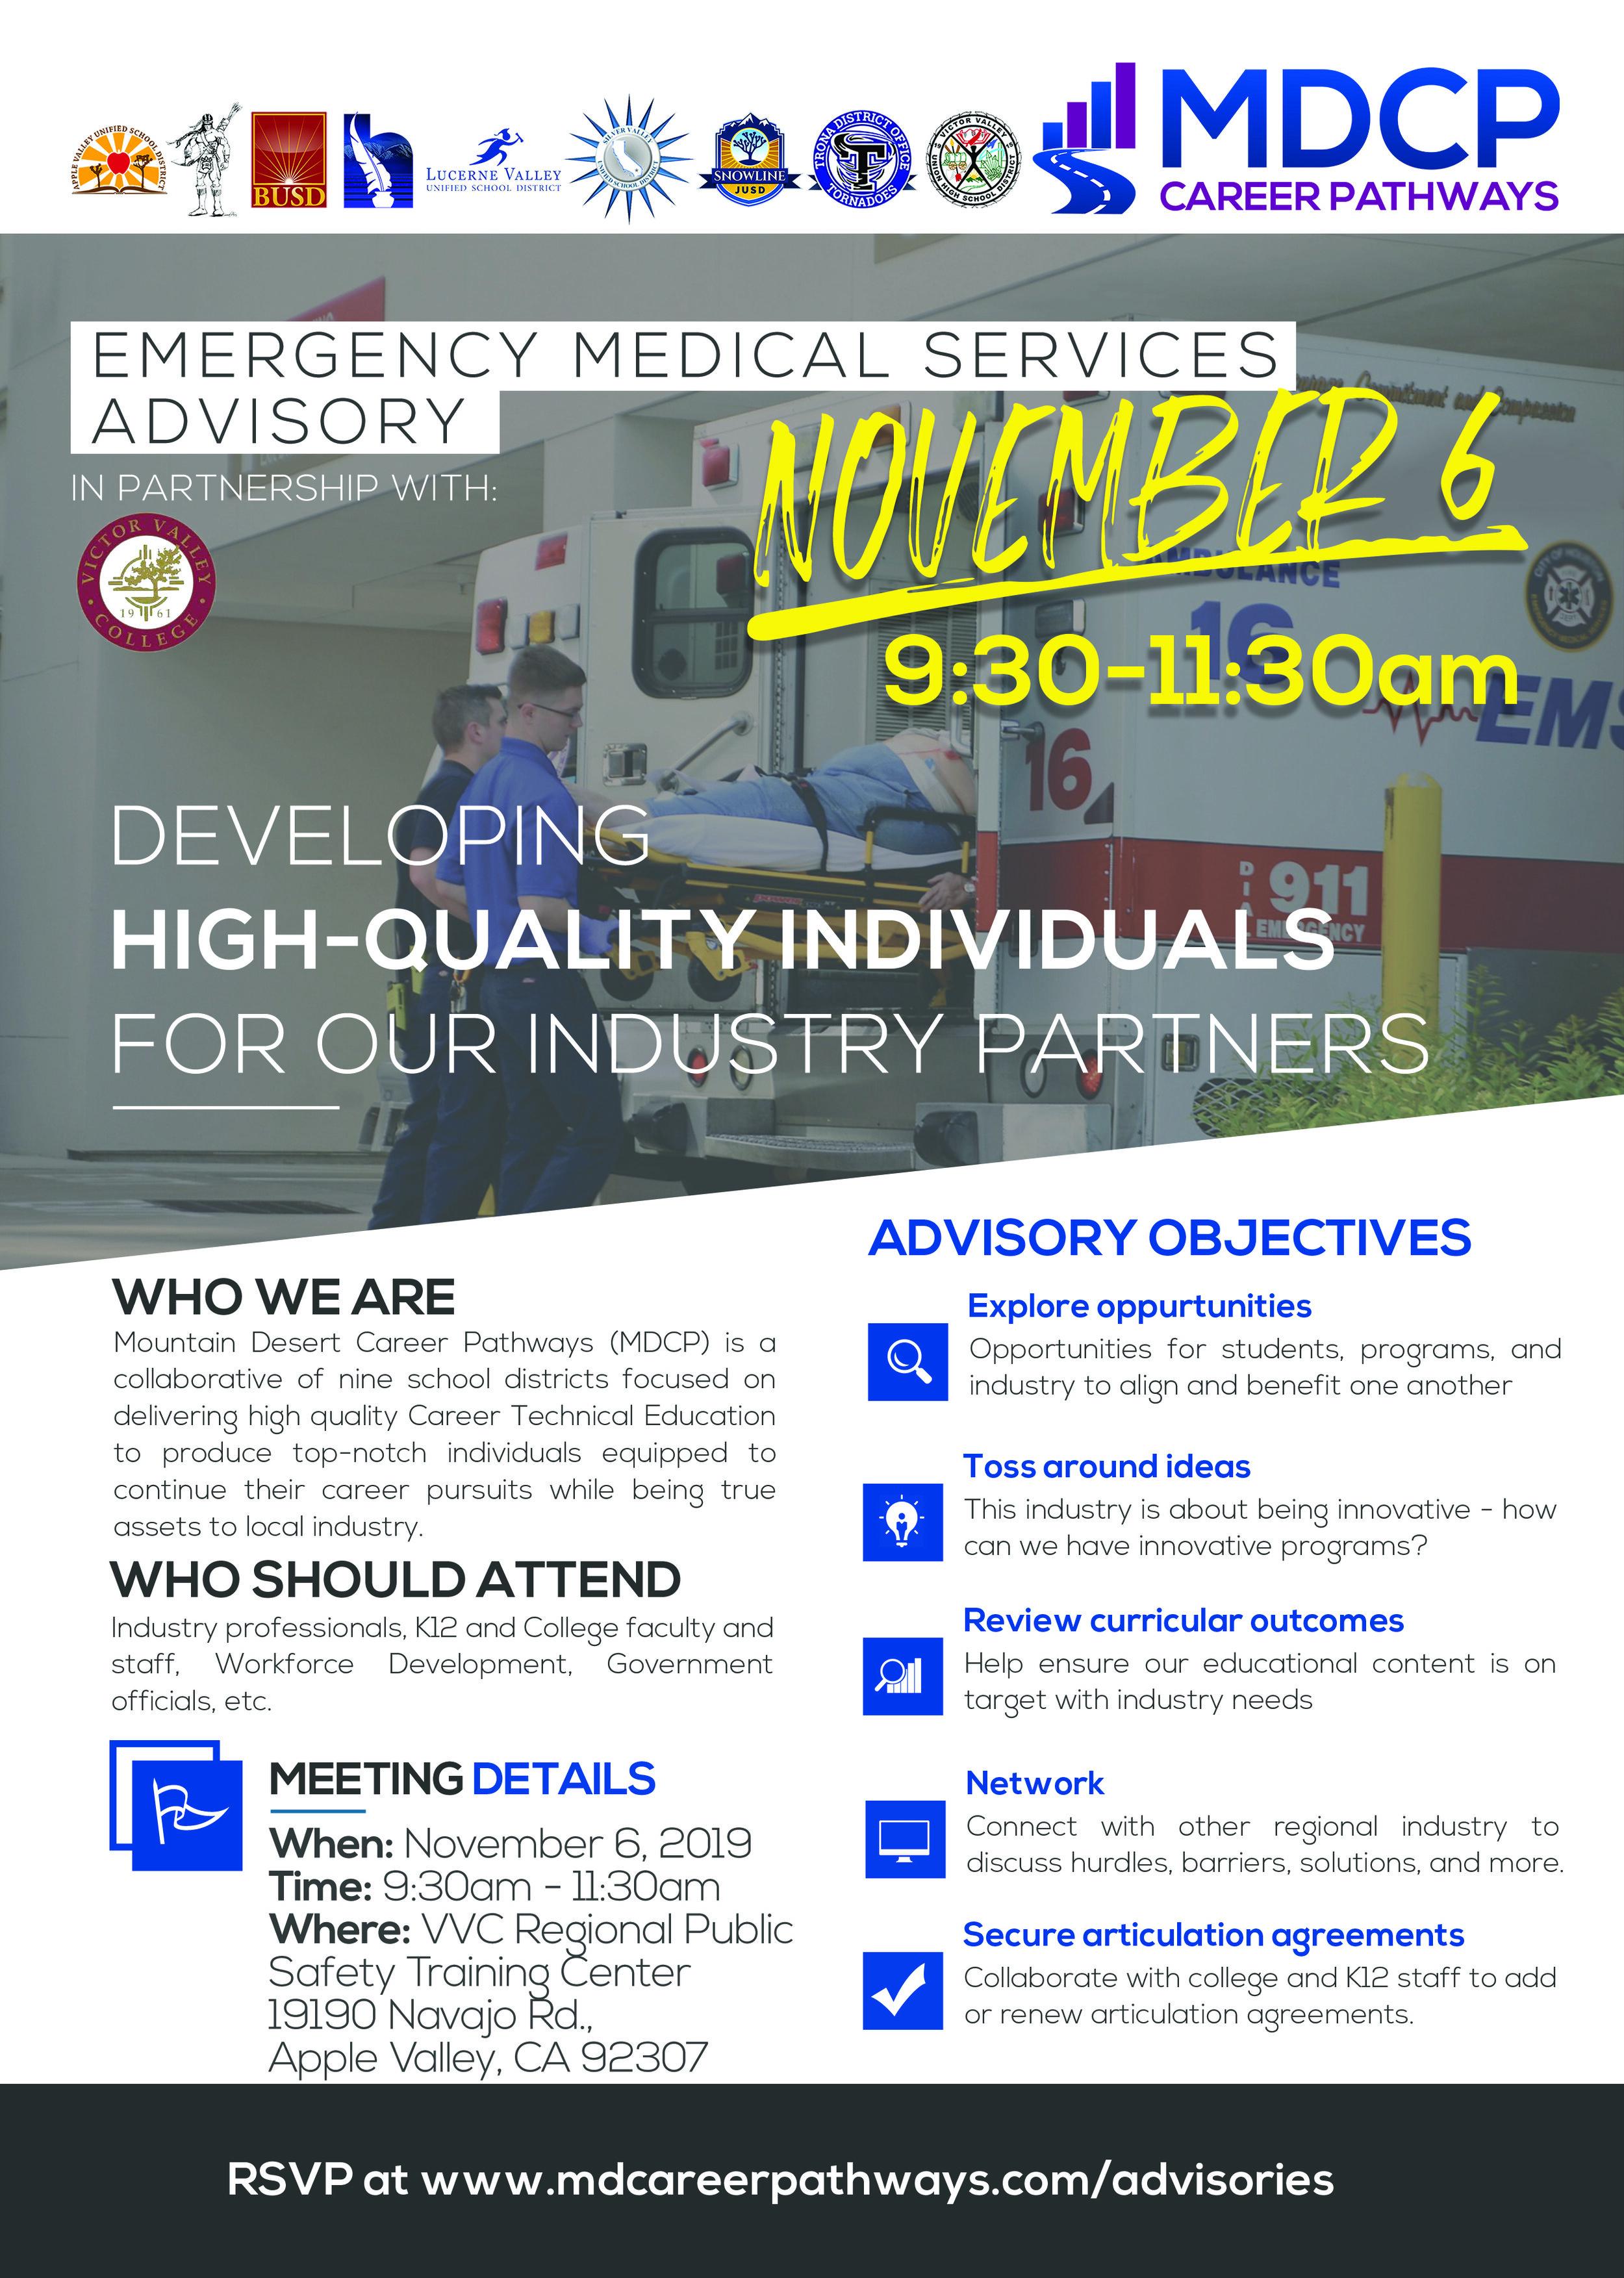 2019 EMS Advisory Flyer.jpg